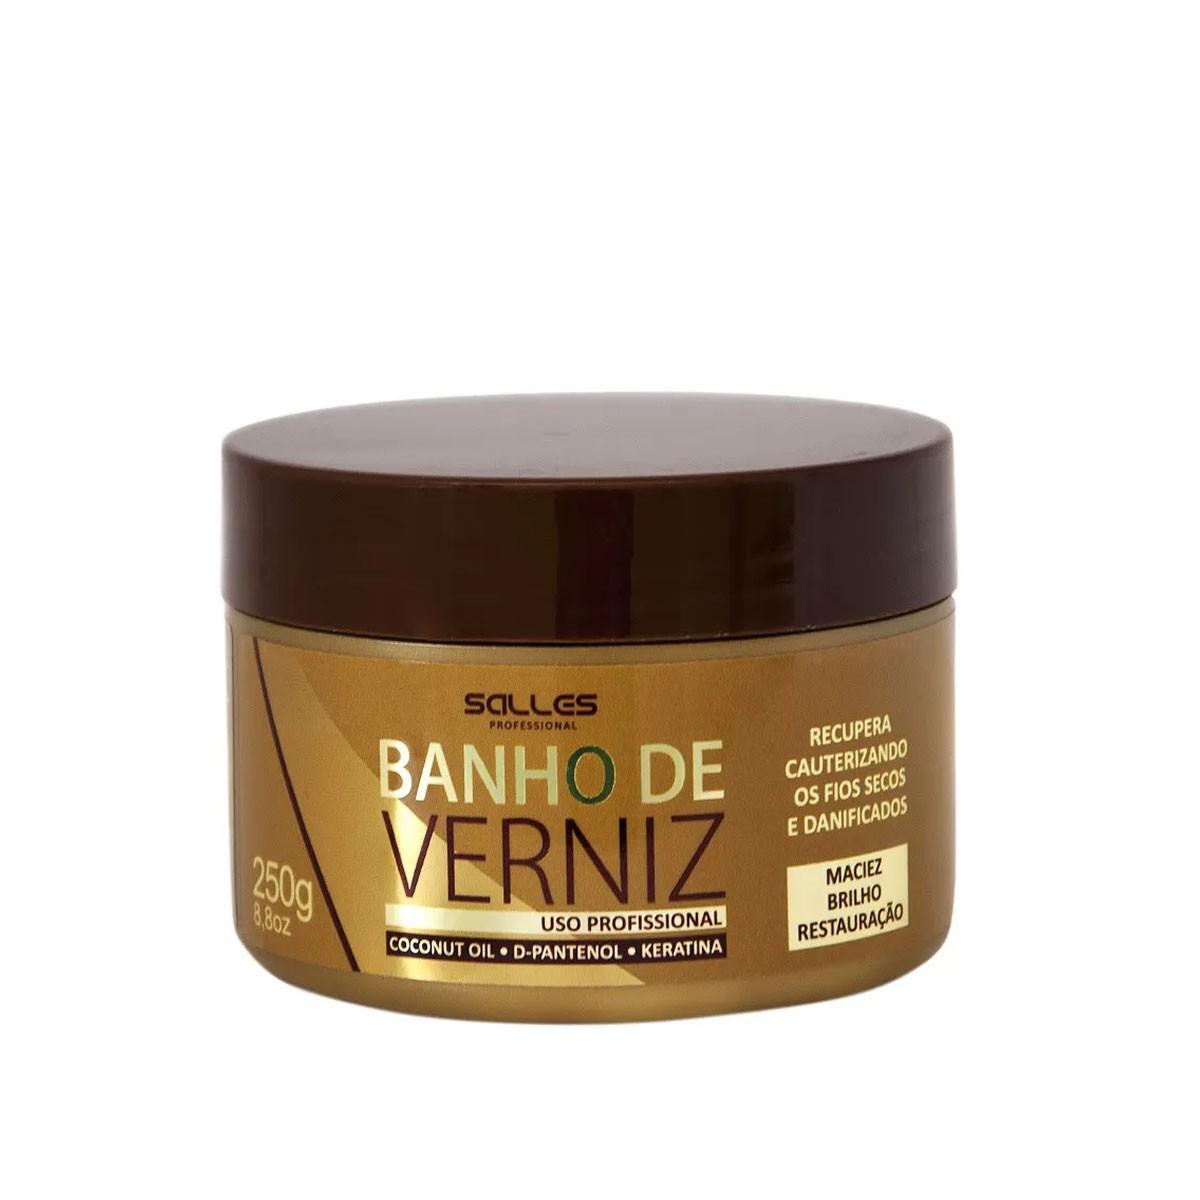 Banho de Verniz Premium 250g